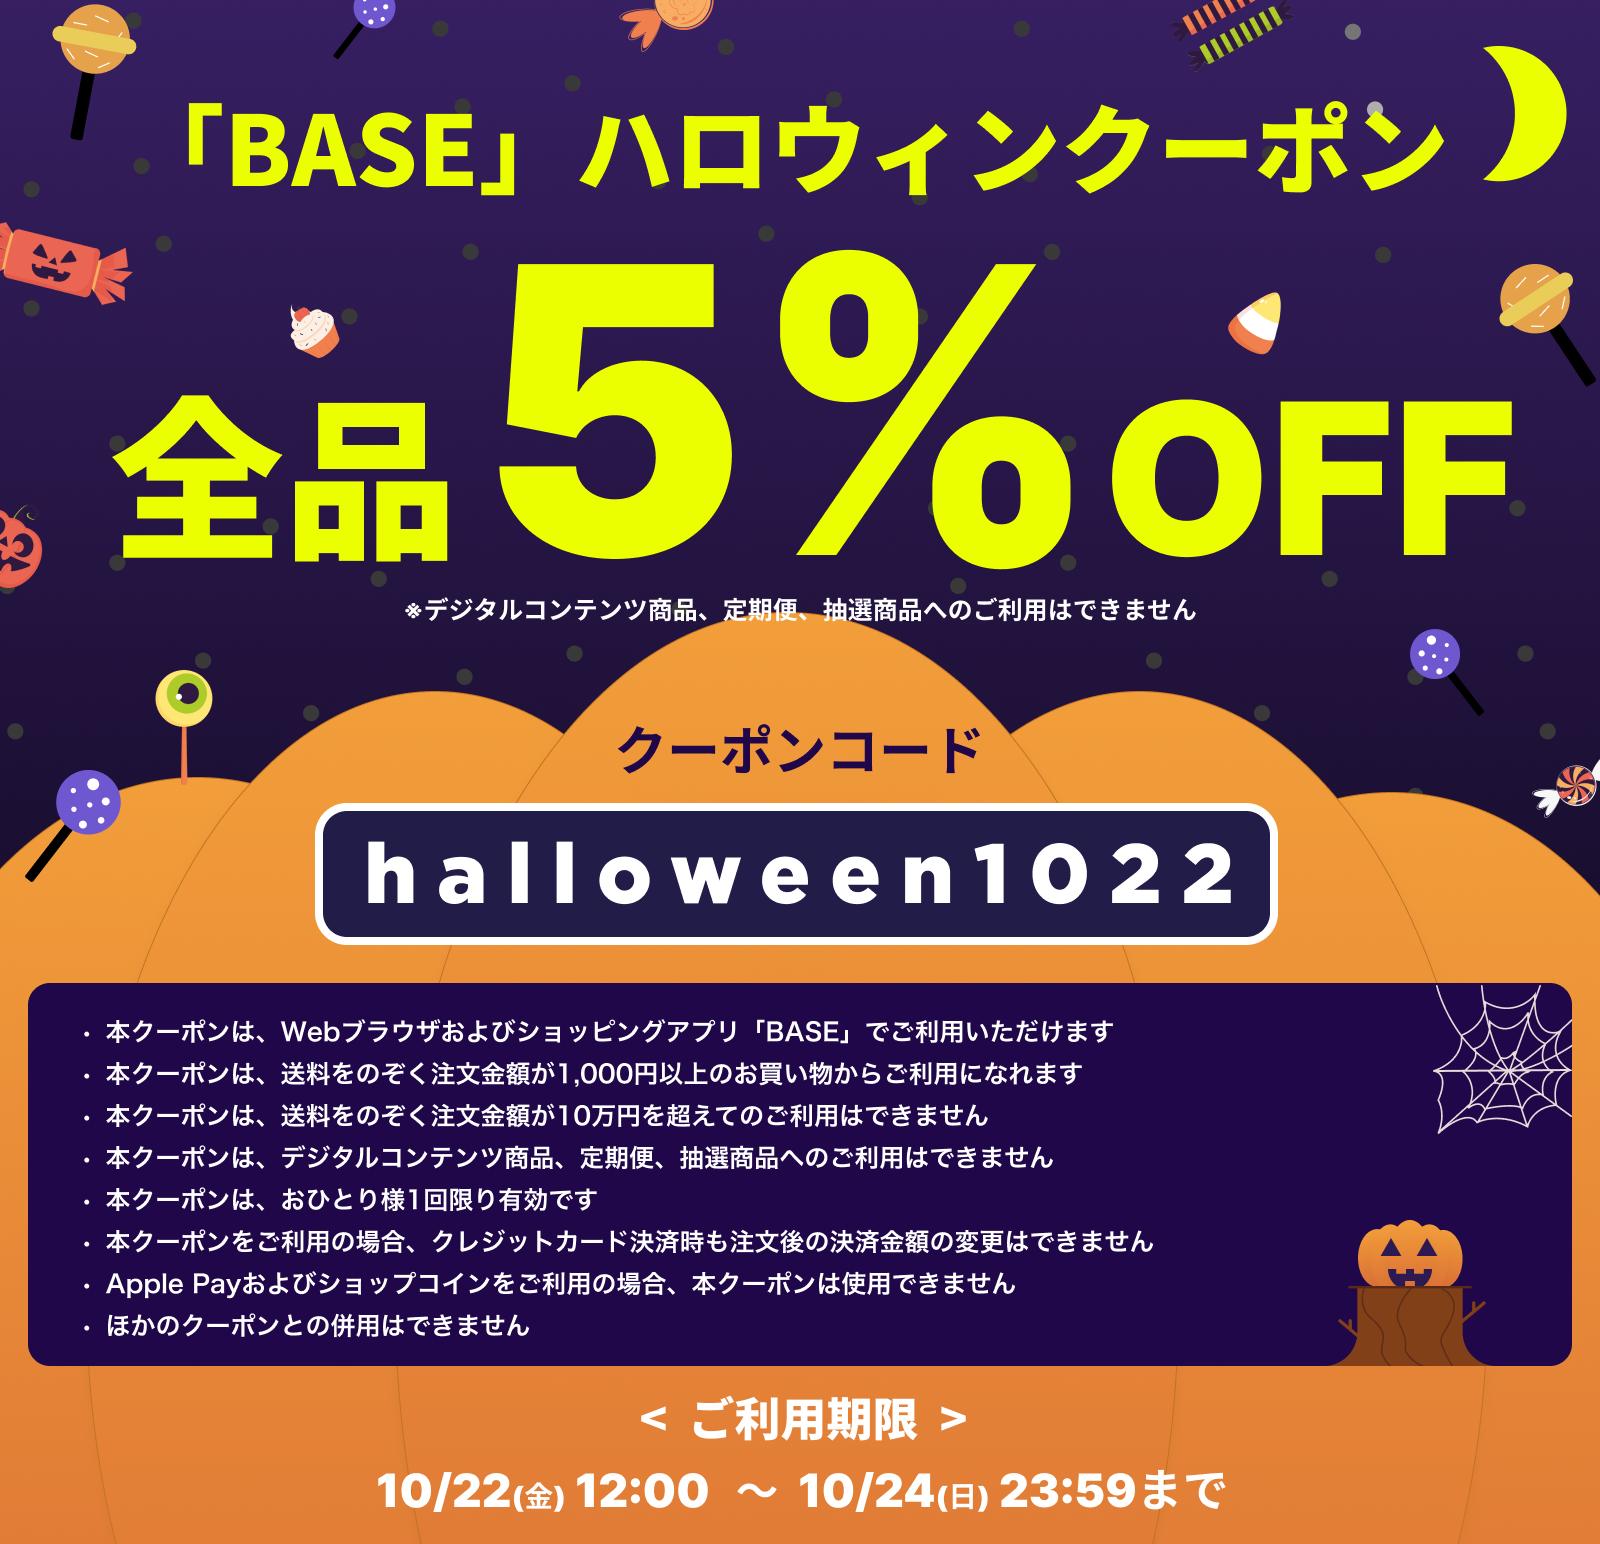 🎃ハロウィンクーポン🎃【全品5%OFF】10/22〜24